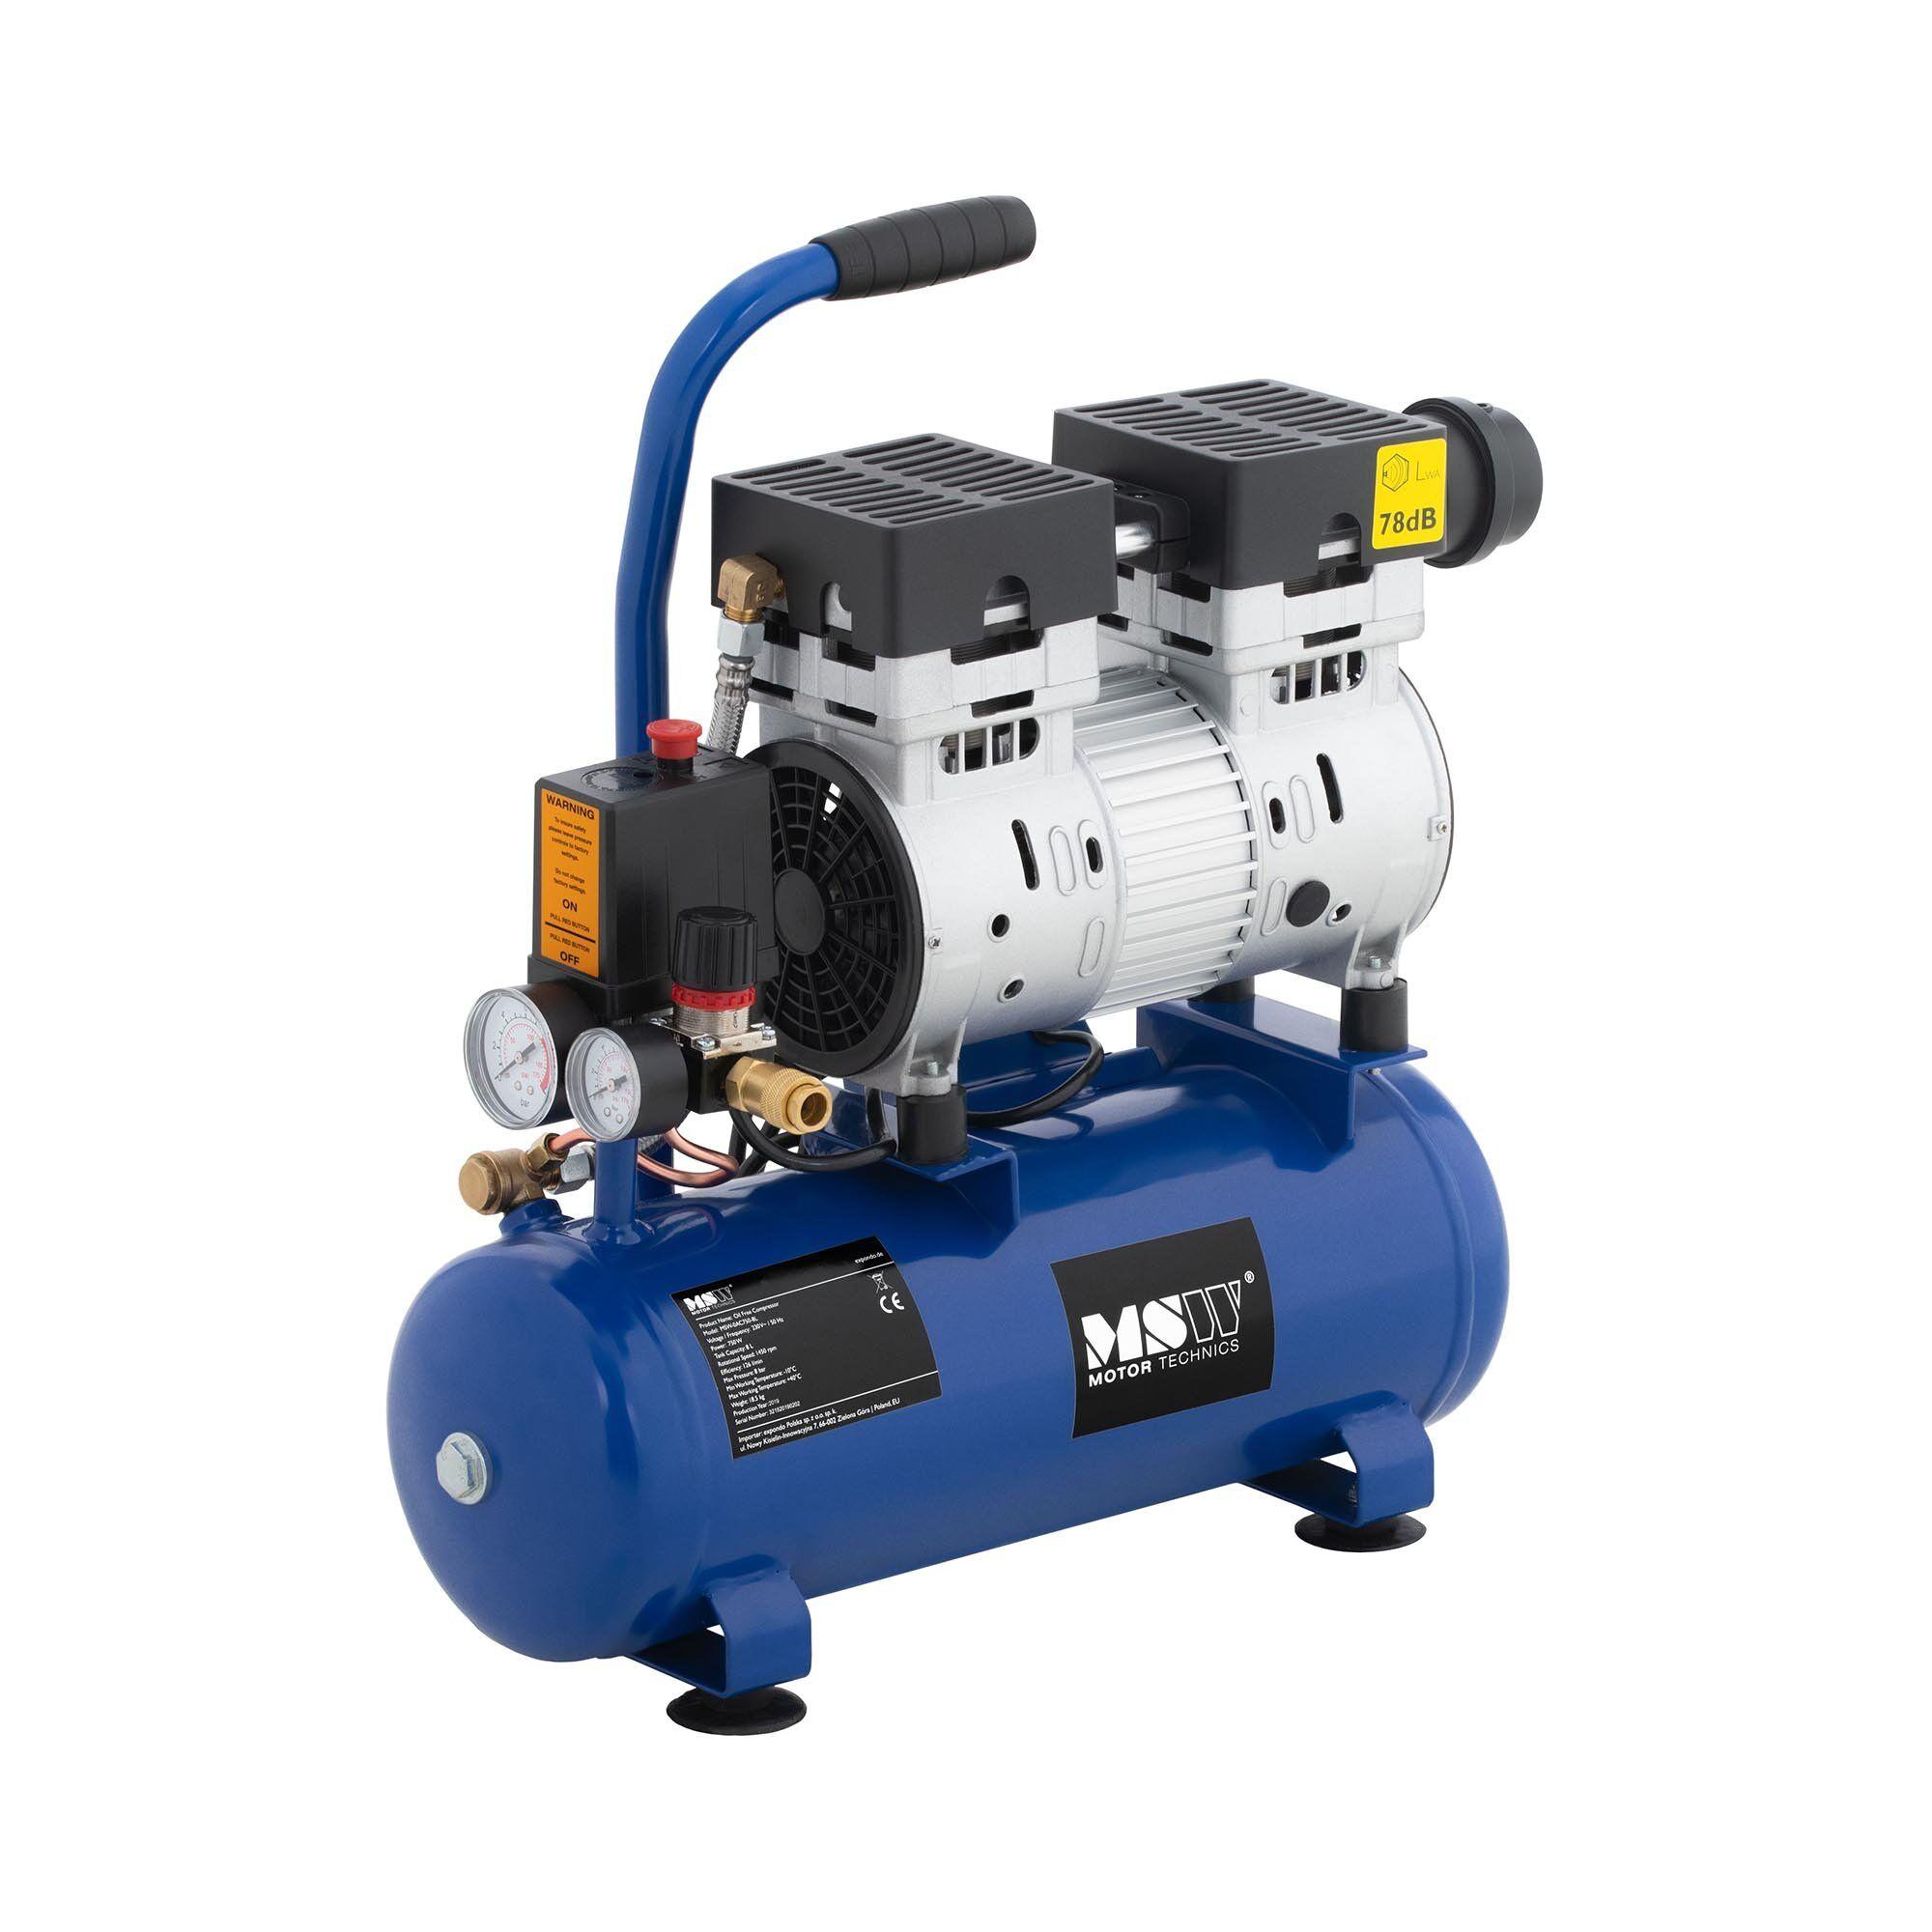 MSW Compressore senza olio - 8 L - 750 W -0AC750-8L